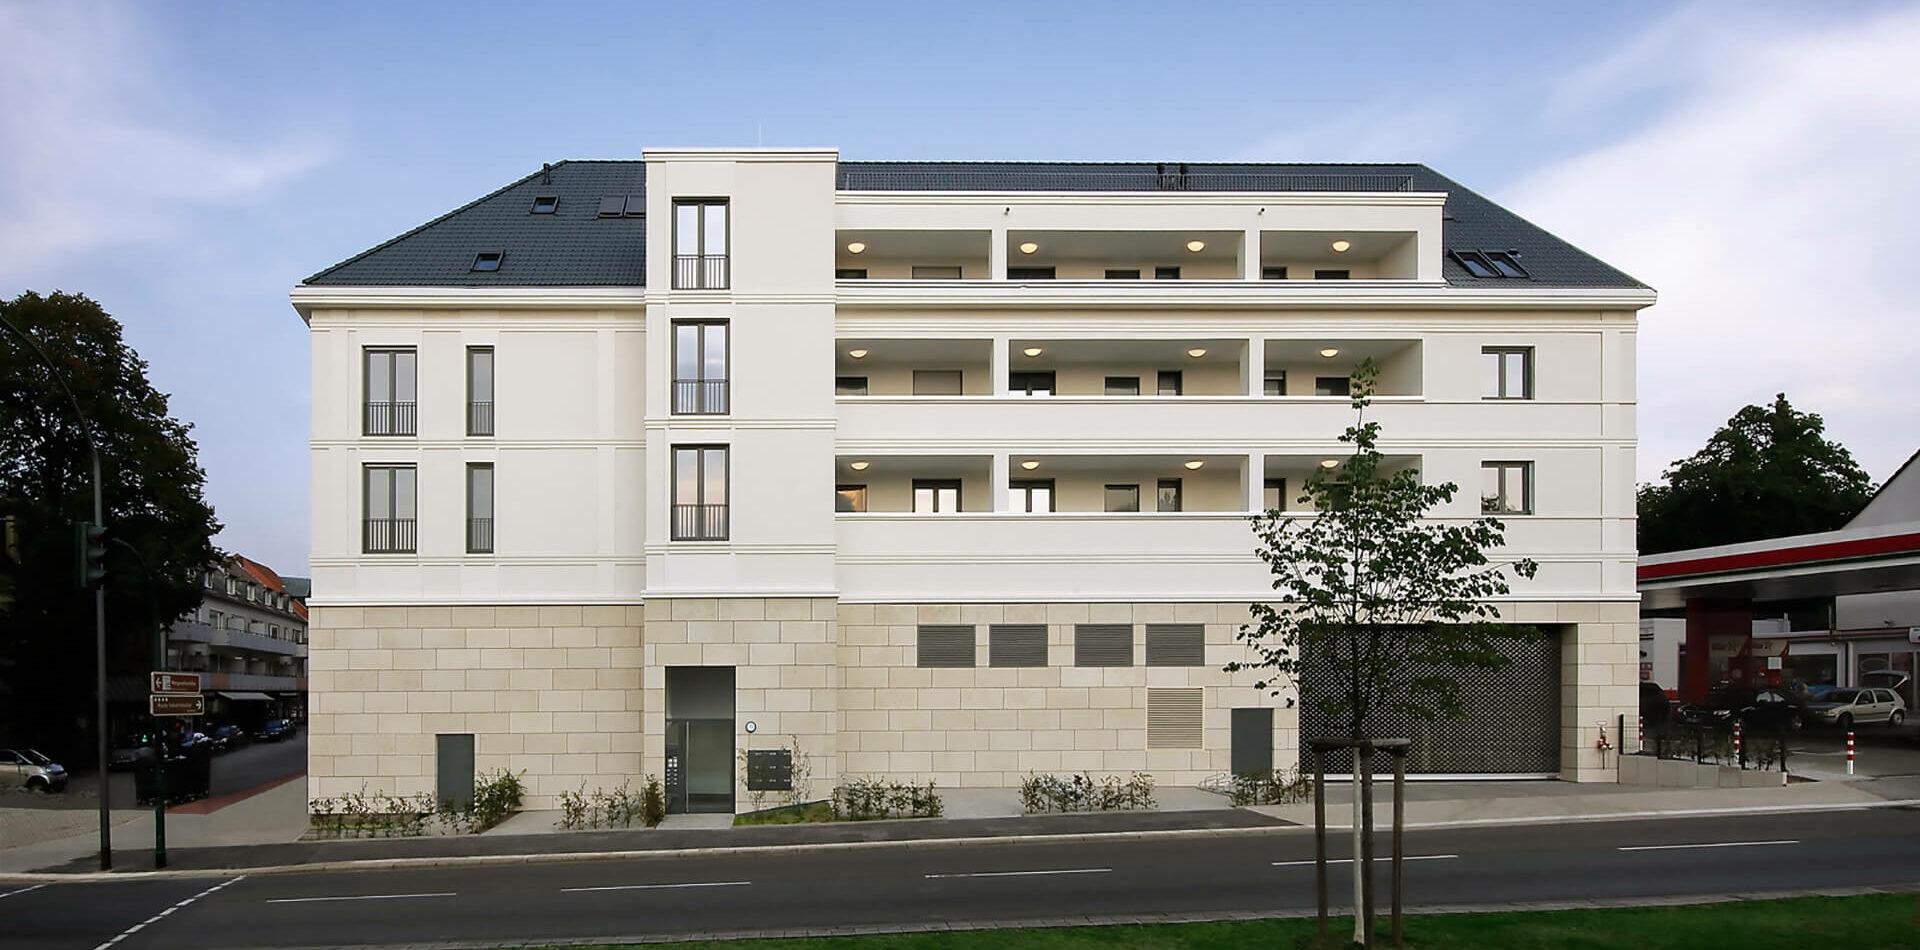 Villa für Viele Essen Bredeney Wohn- und Geschäftshaus zeitlos Aussenperspektive Visualisierung Seitenansicht